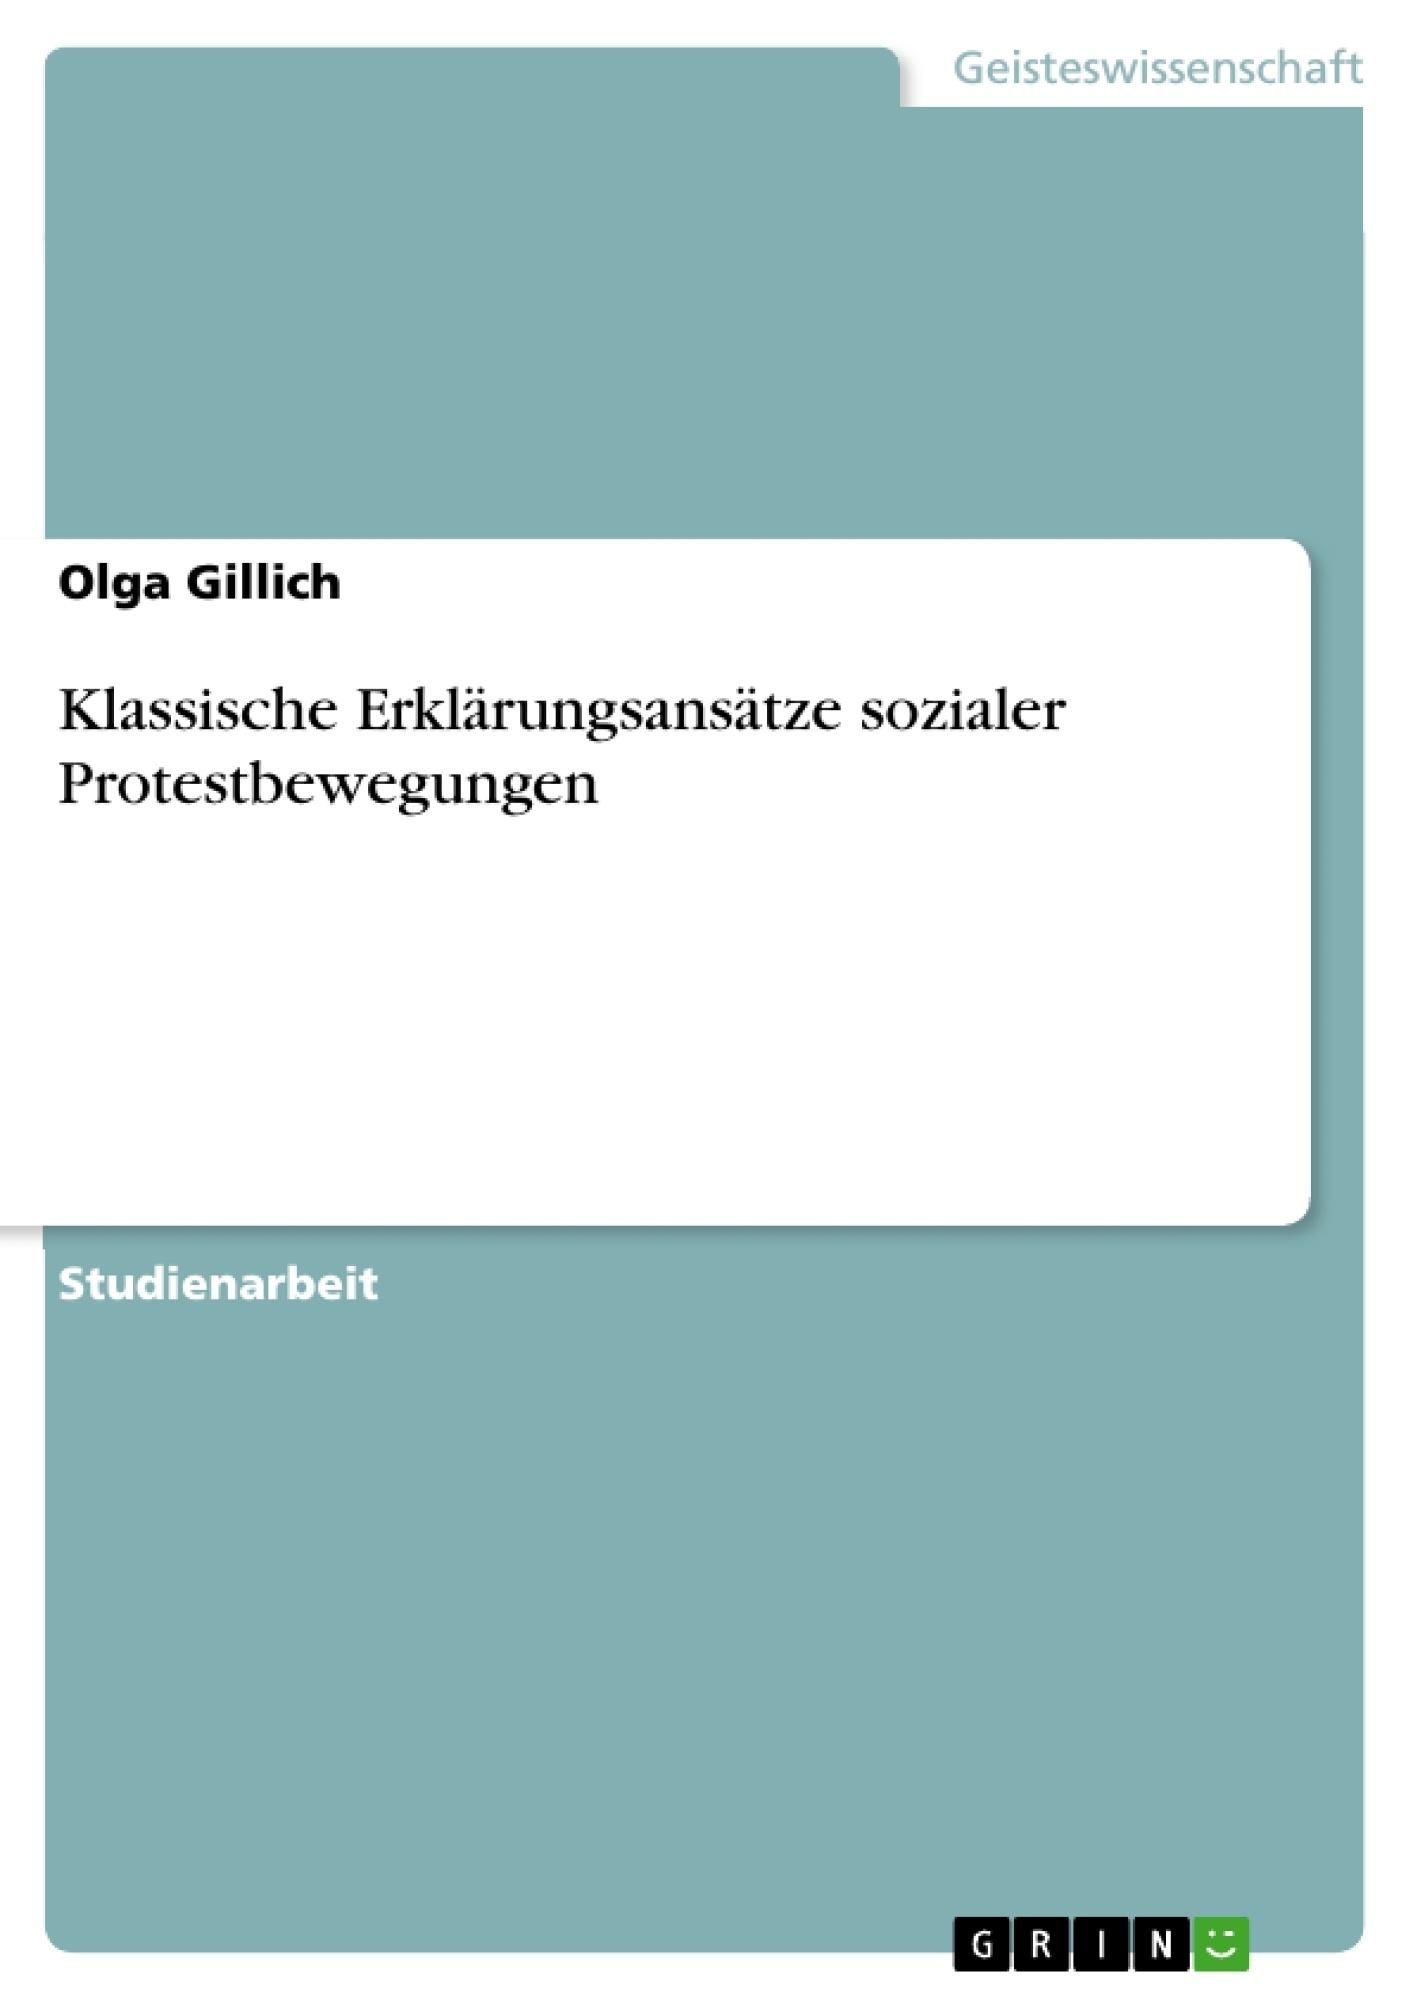 Titel: Klassische Erklärungsansätze sozialer Protestbewegungen